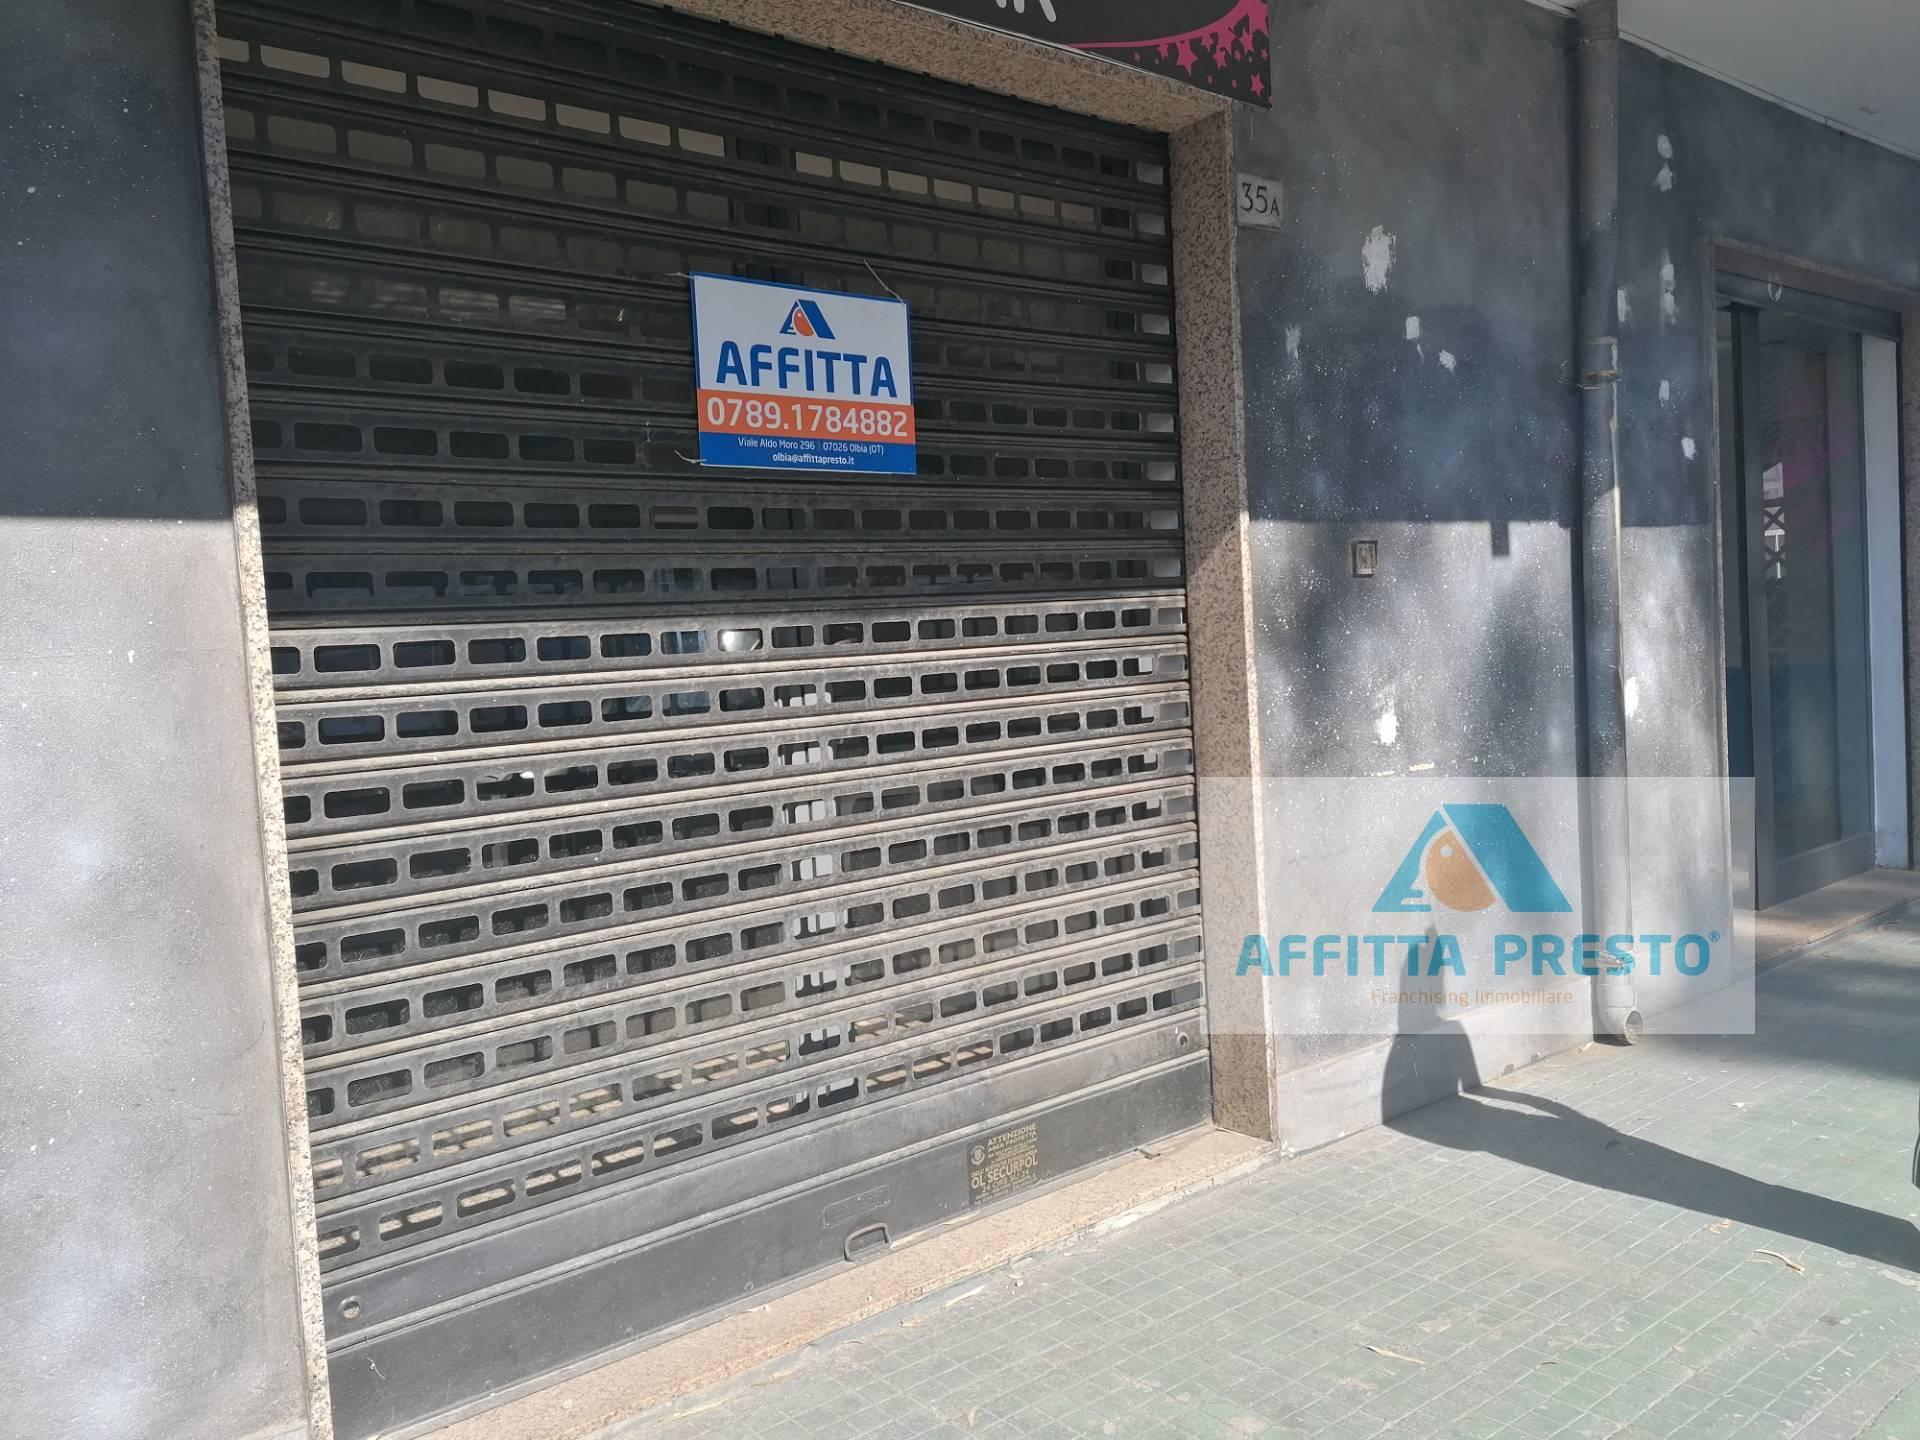 NEGOZIO in Affitto a Olbia città, Olbia (SASSARI)